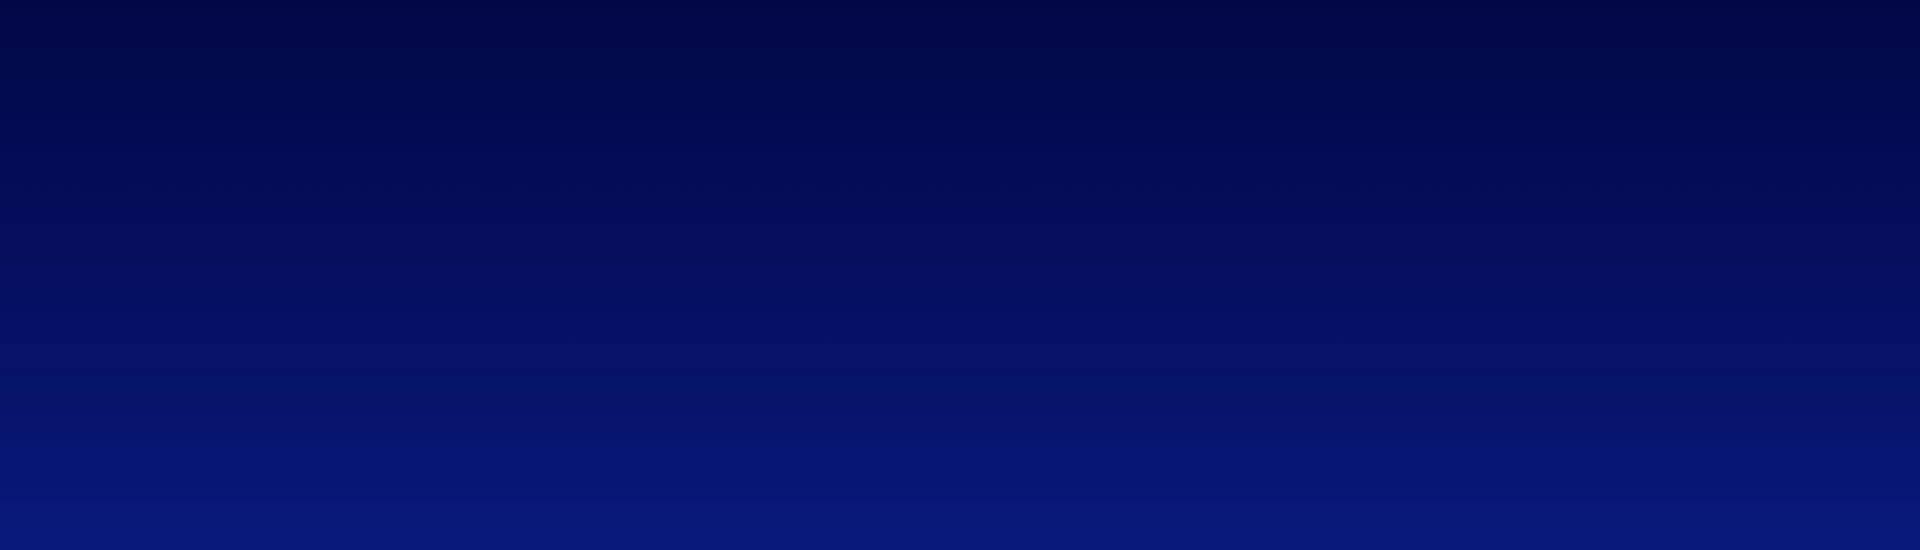 焦點官網banner-550px